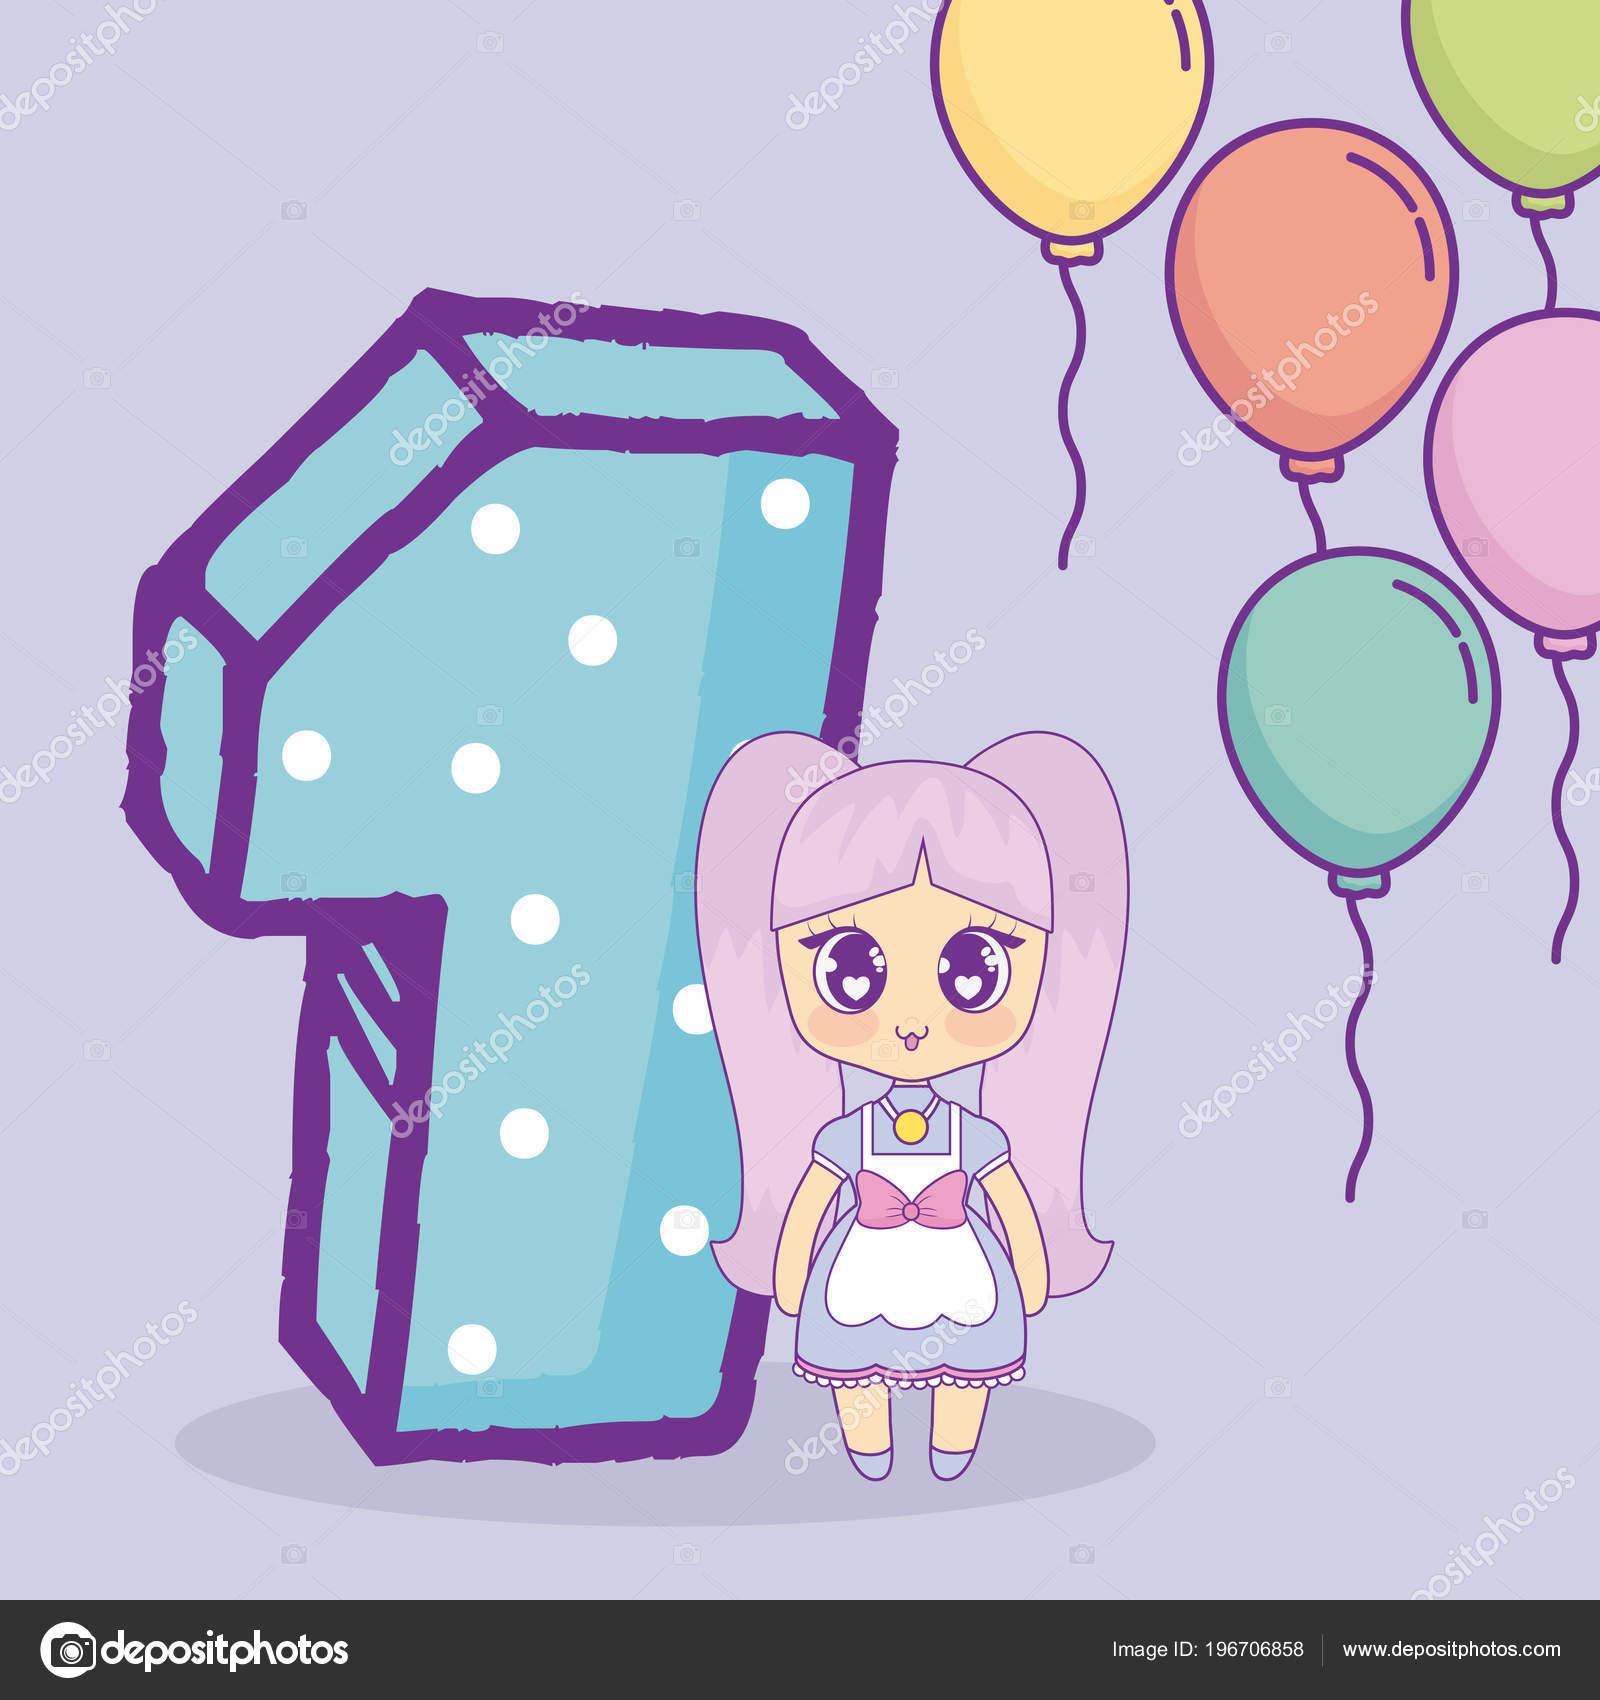 Disegni Kawaii Buon Compleanno Disegno Di Buon Compleanno Di